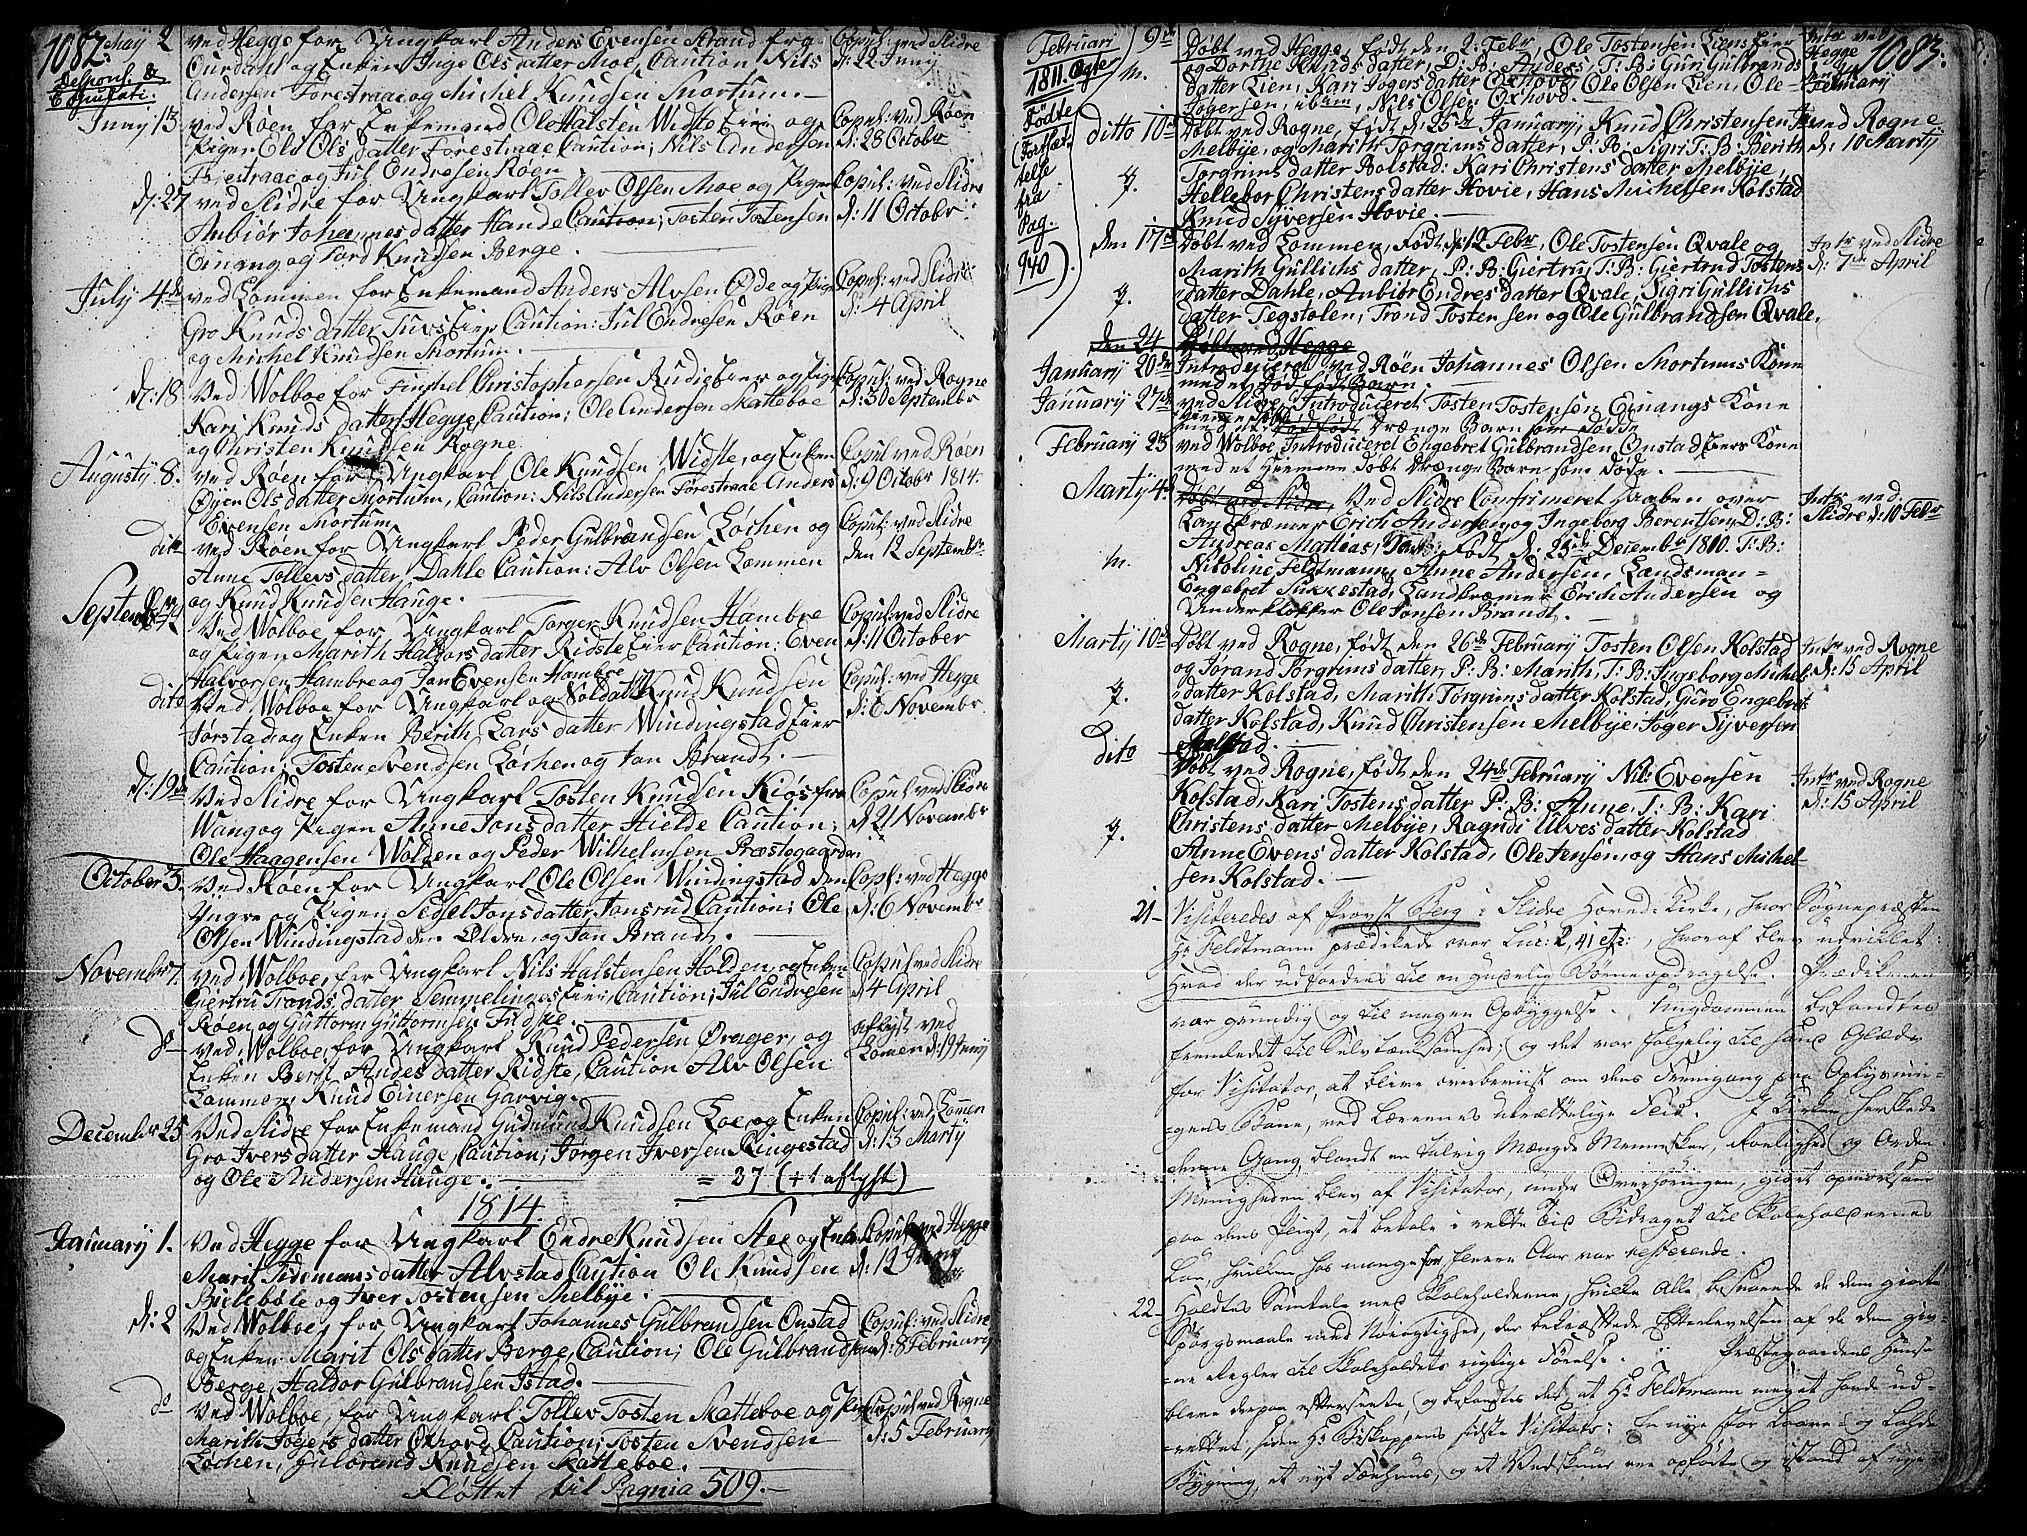 SAH, Slidre prestekontor, Ministerialbok nr. 1, 1724-1814, s. 1082-1083